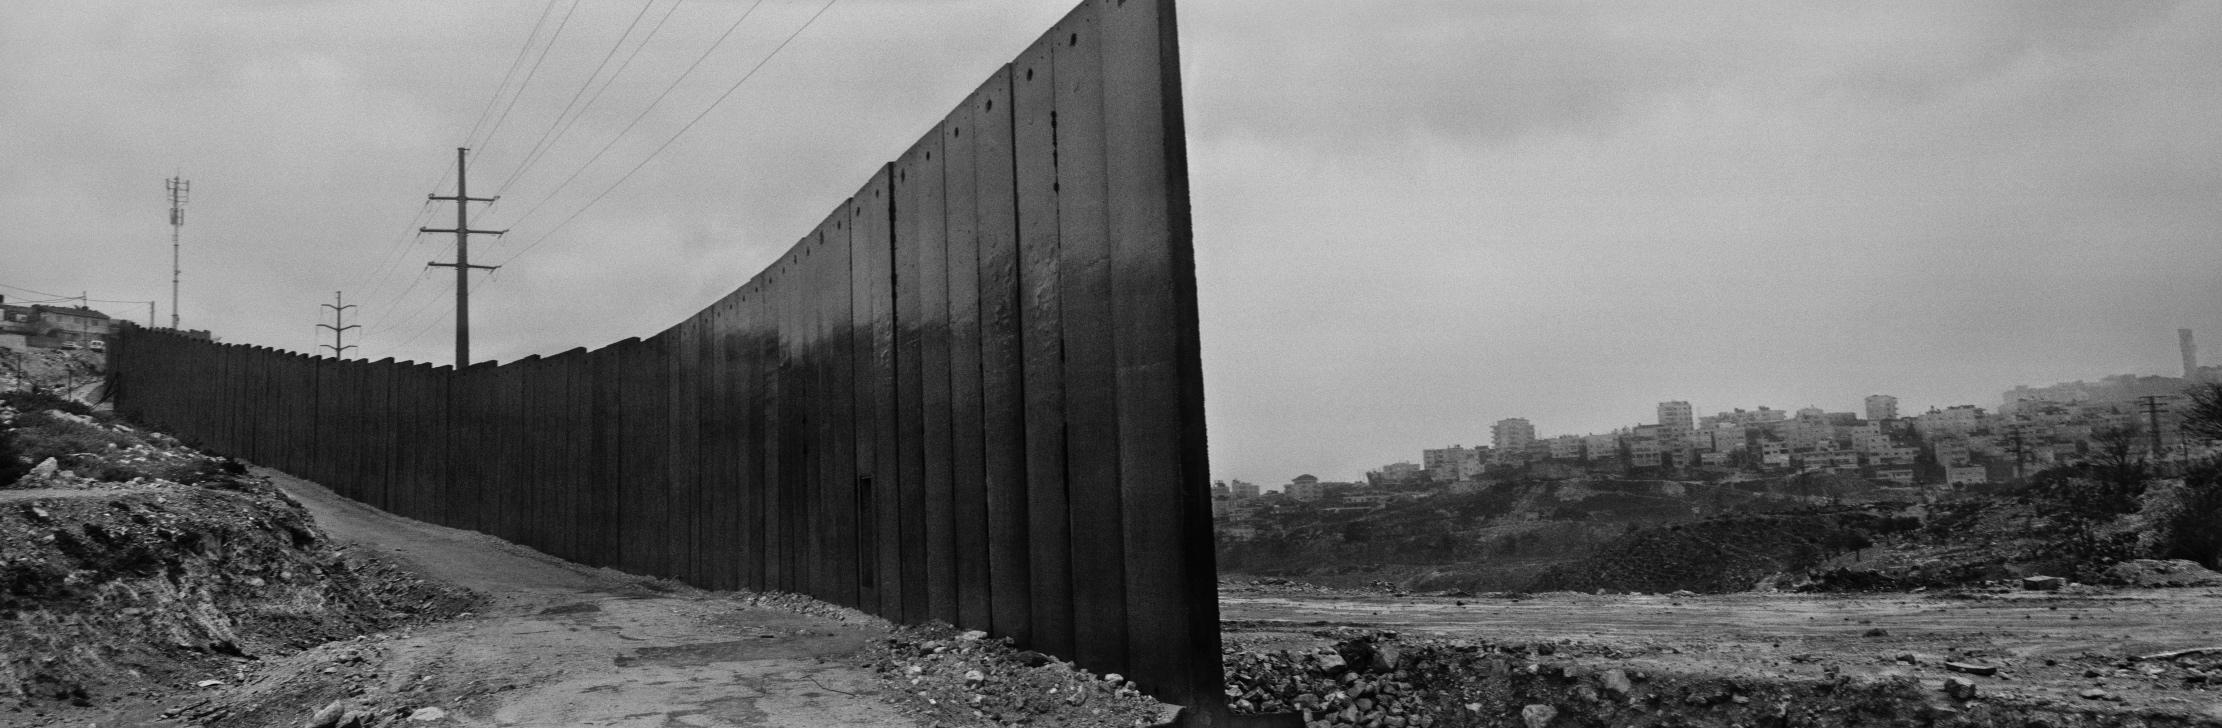 جوزيف كوديلكا: الجدار/بيروت... في دار النمر للفن والثقافة